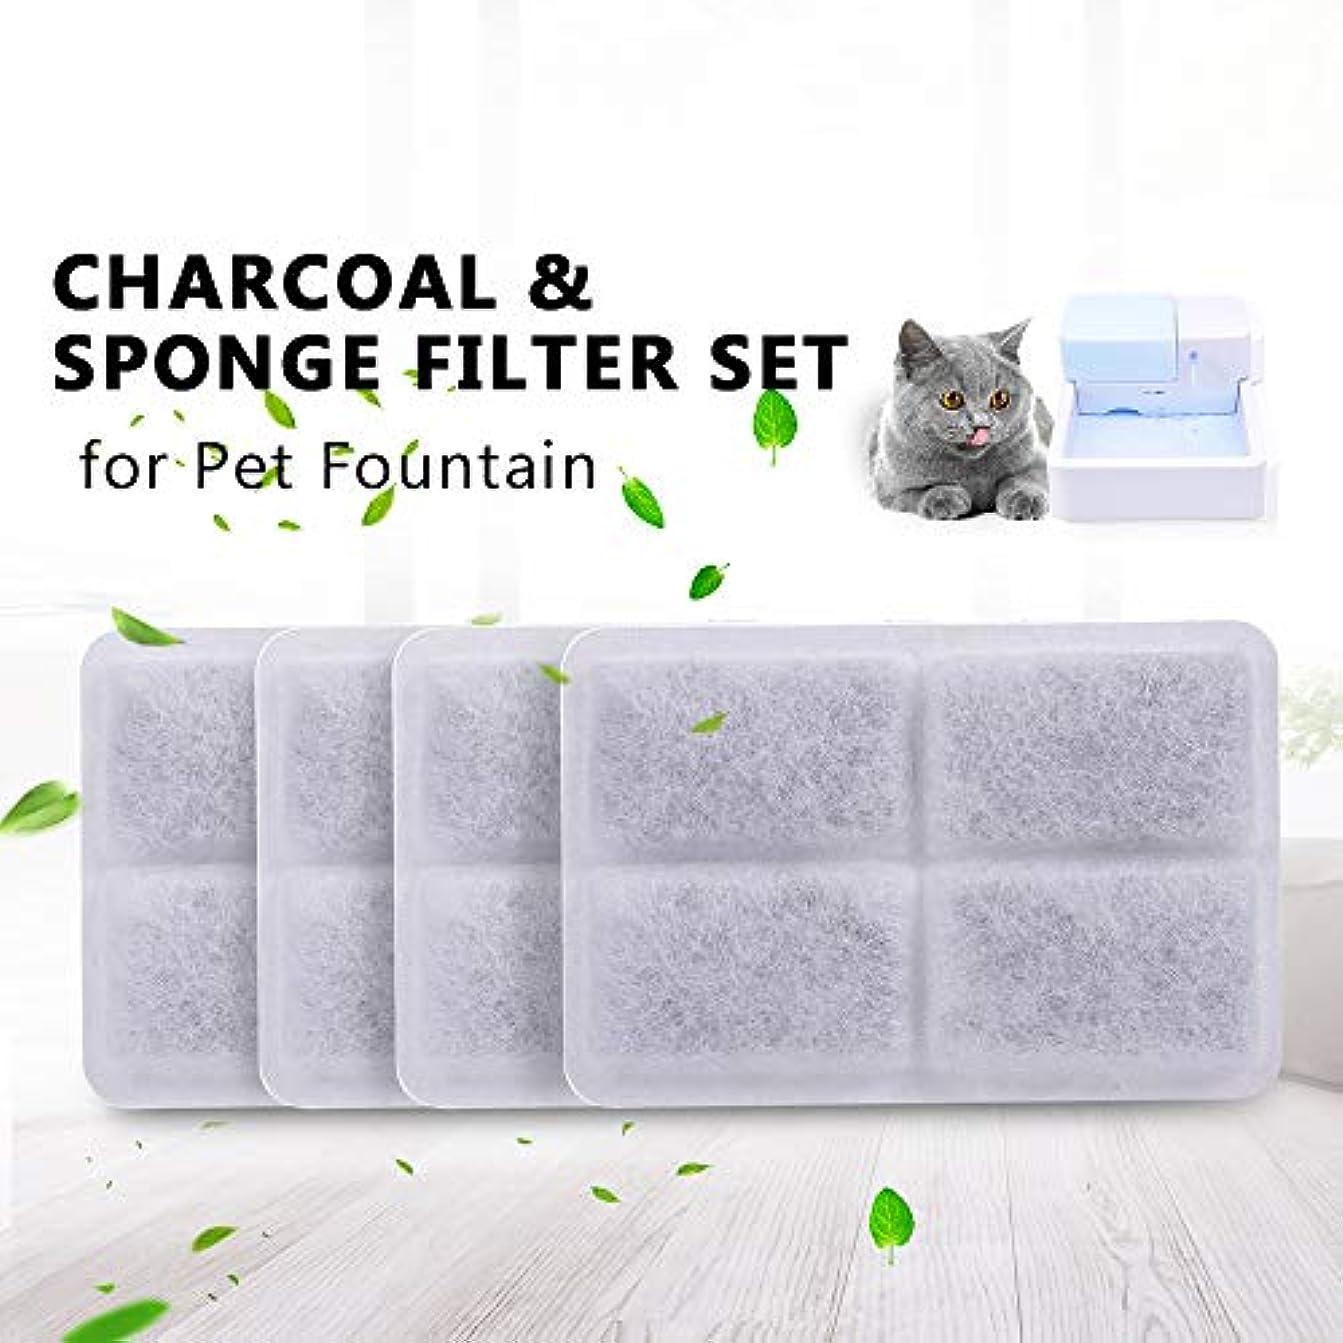 申し込むマージン小川Rakuby ペット ファウンテン犬 猫 ウォーター ディスペンサー 設定 4本 木炭水フィルター スポンジフィルター